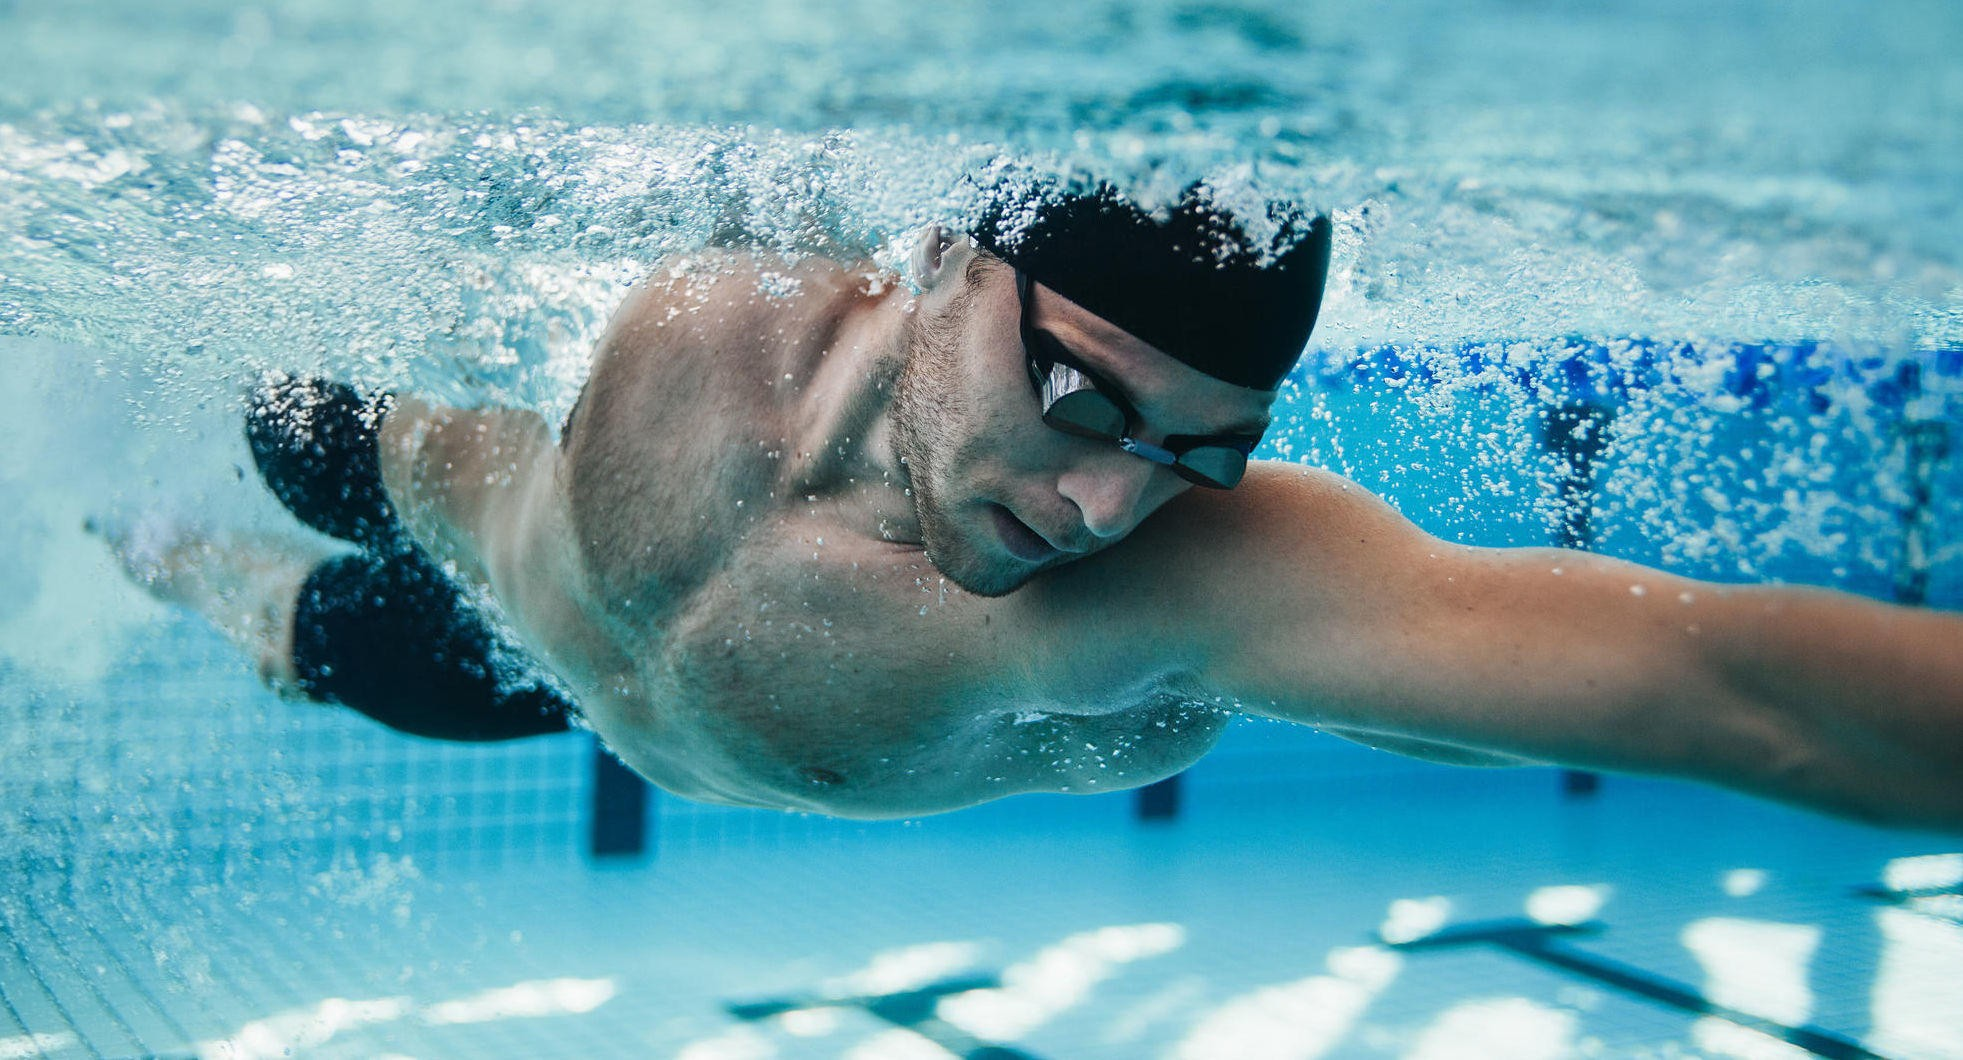 «DEN PERFEKTE TRENINGEN»: Svømming sliter ikke på kroppen, aktivisere nær sagt alle muskler i kroppen og er også aerob trening dersom du tar litt og holder på i en 30-40 minutters tid.